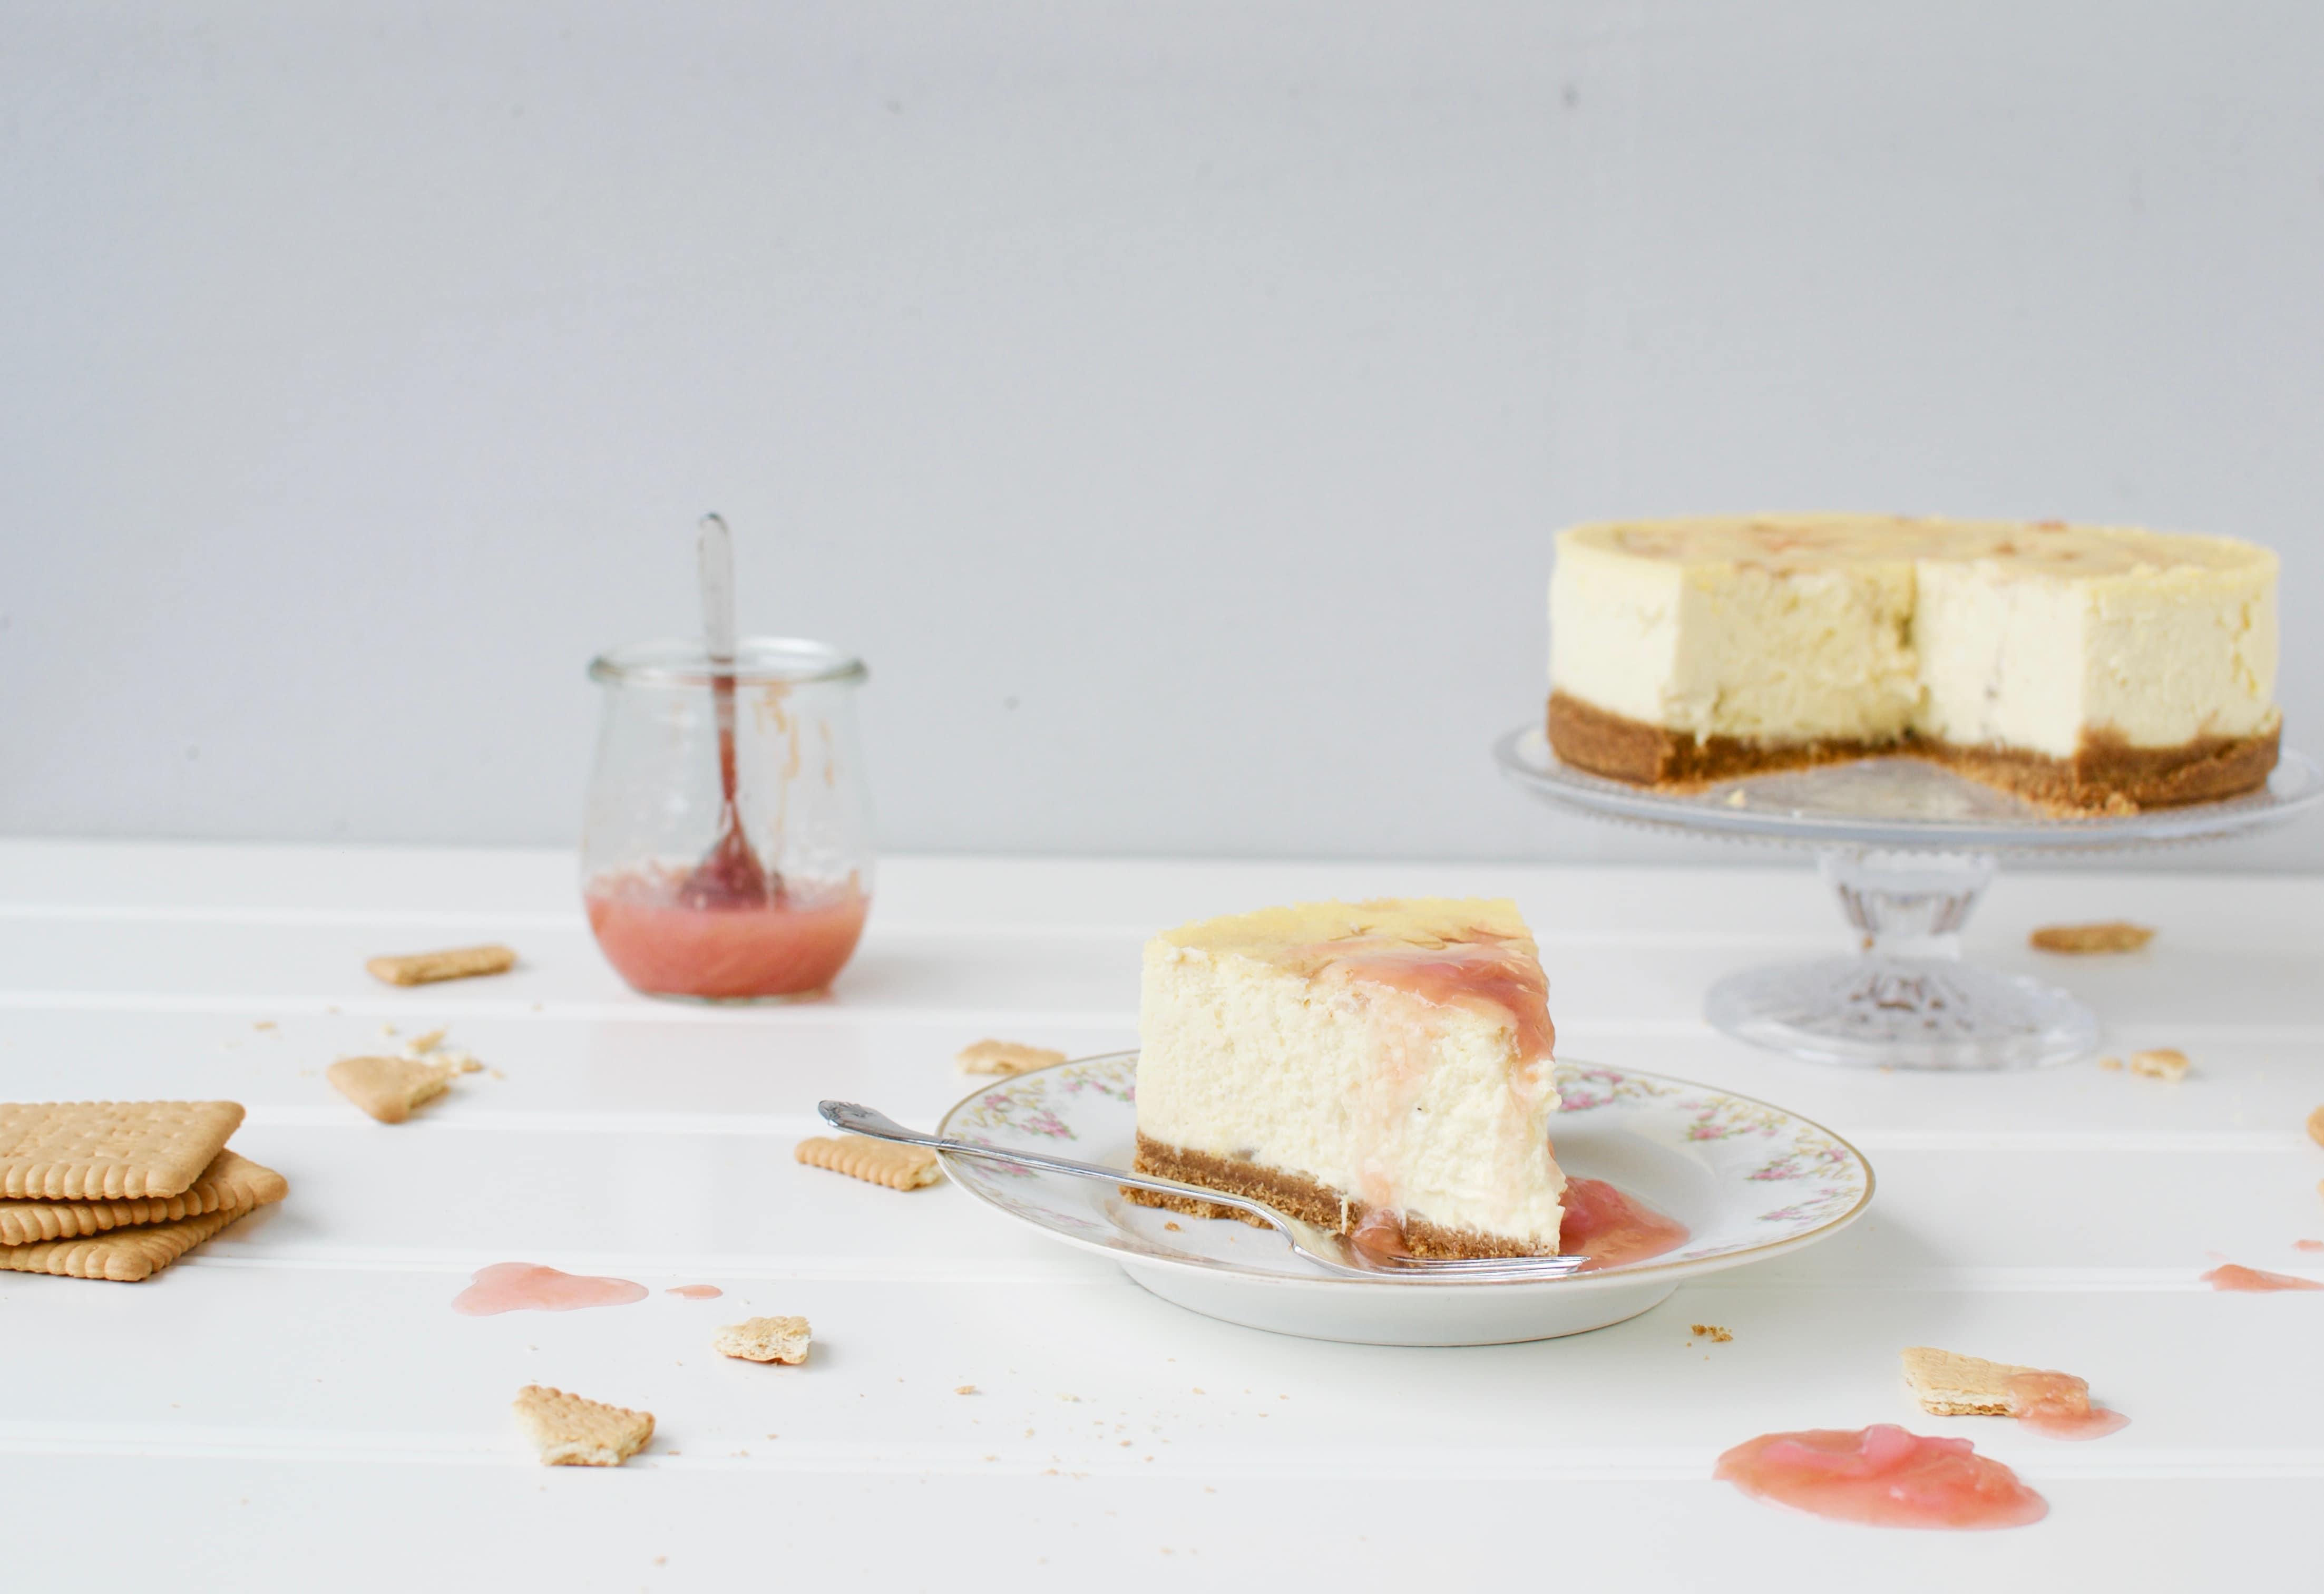 Baked Rhubarb Cheesecake